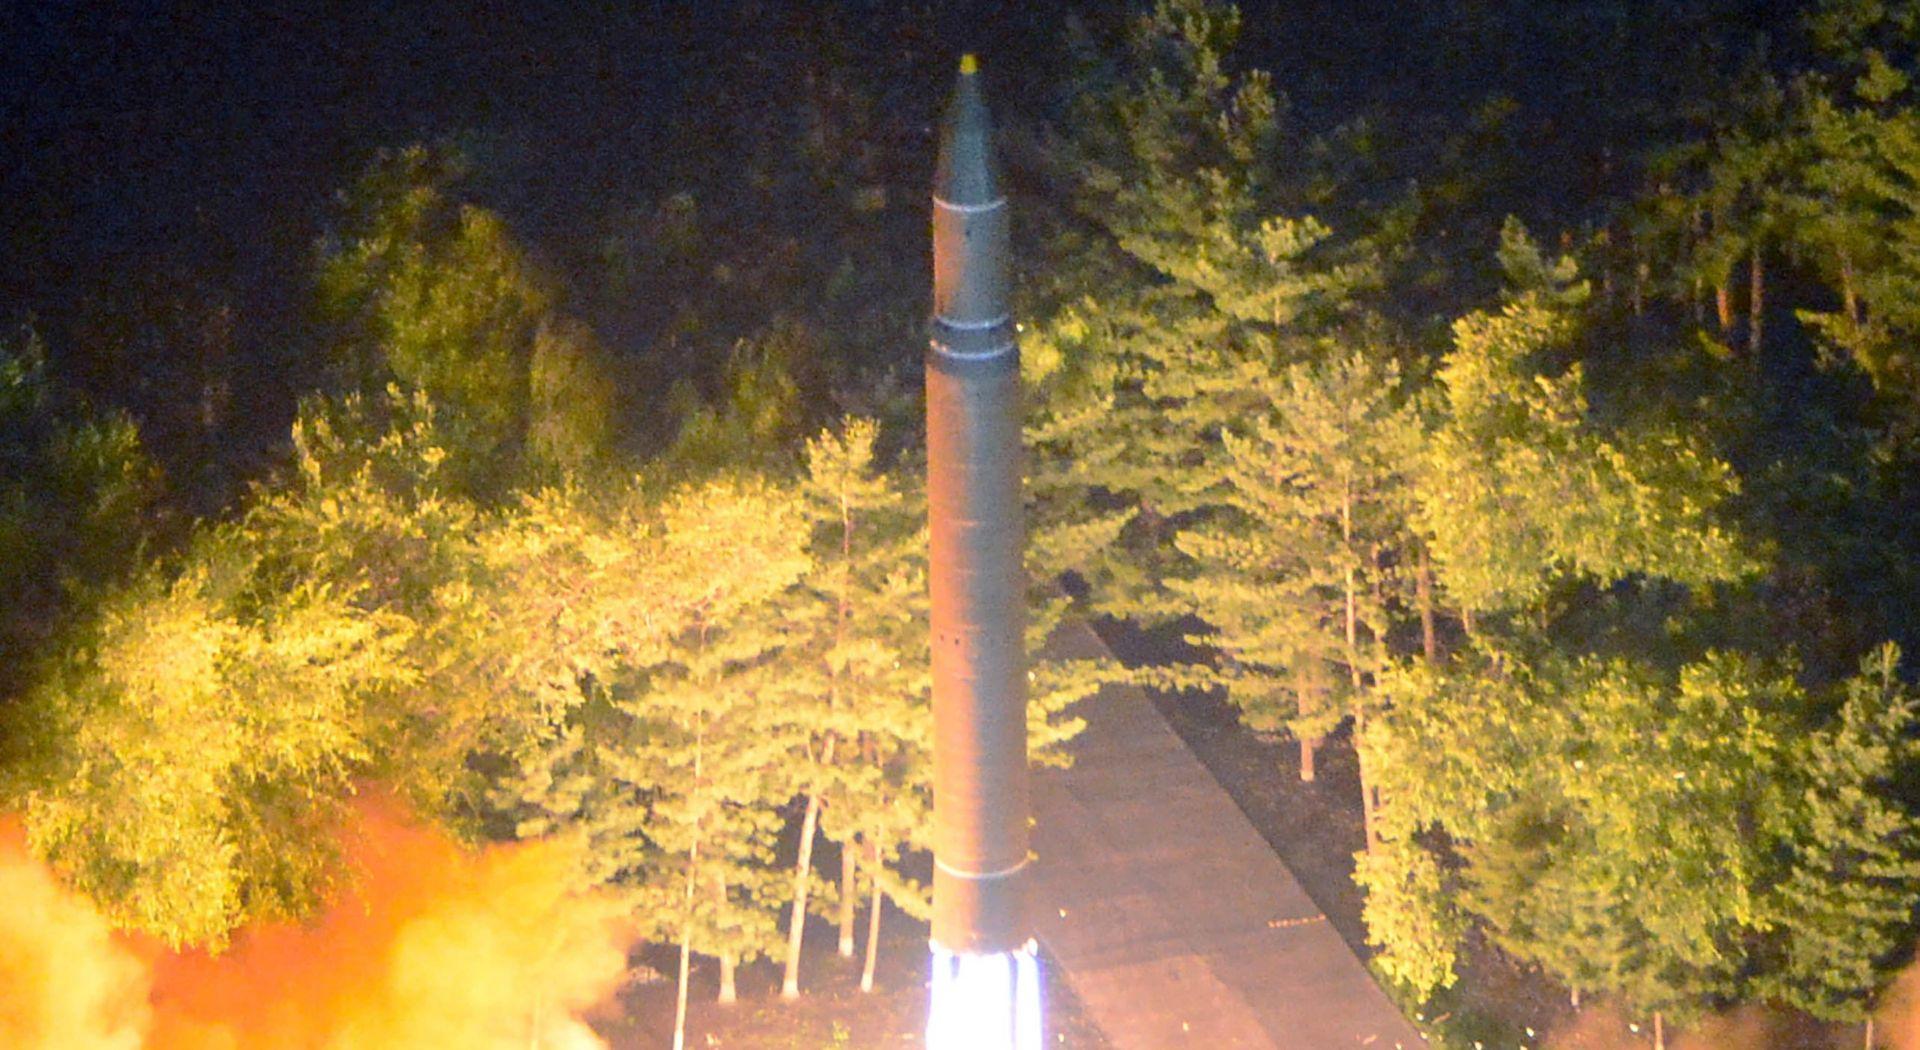 Južnokorejski predsjednik apelira da se izbjegne rat